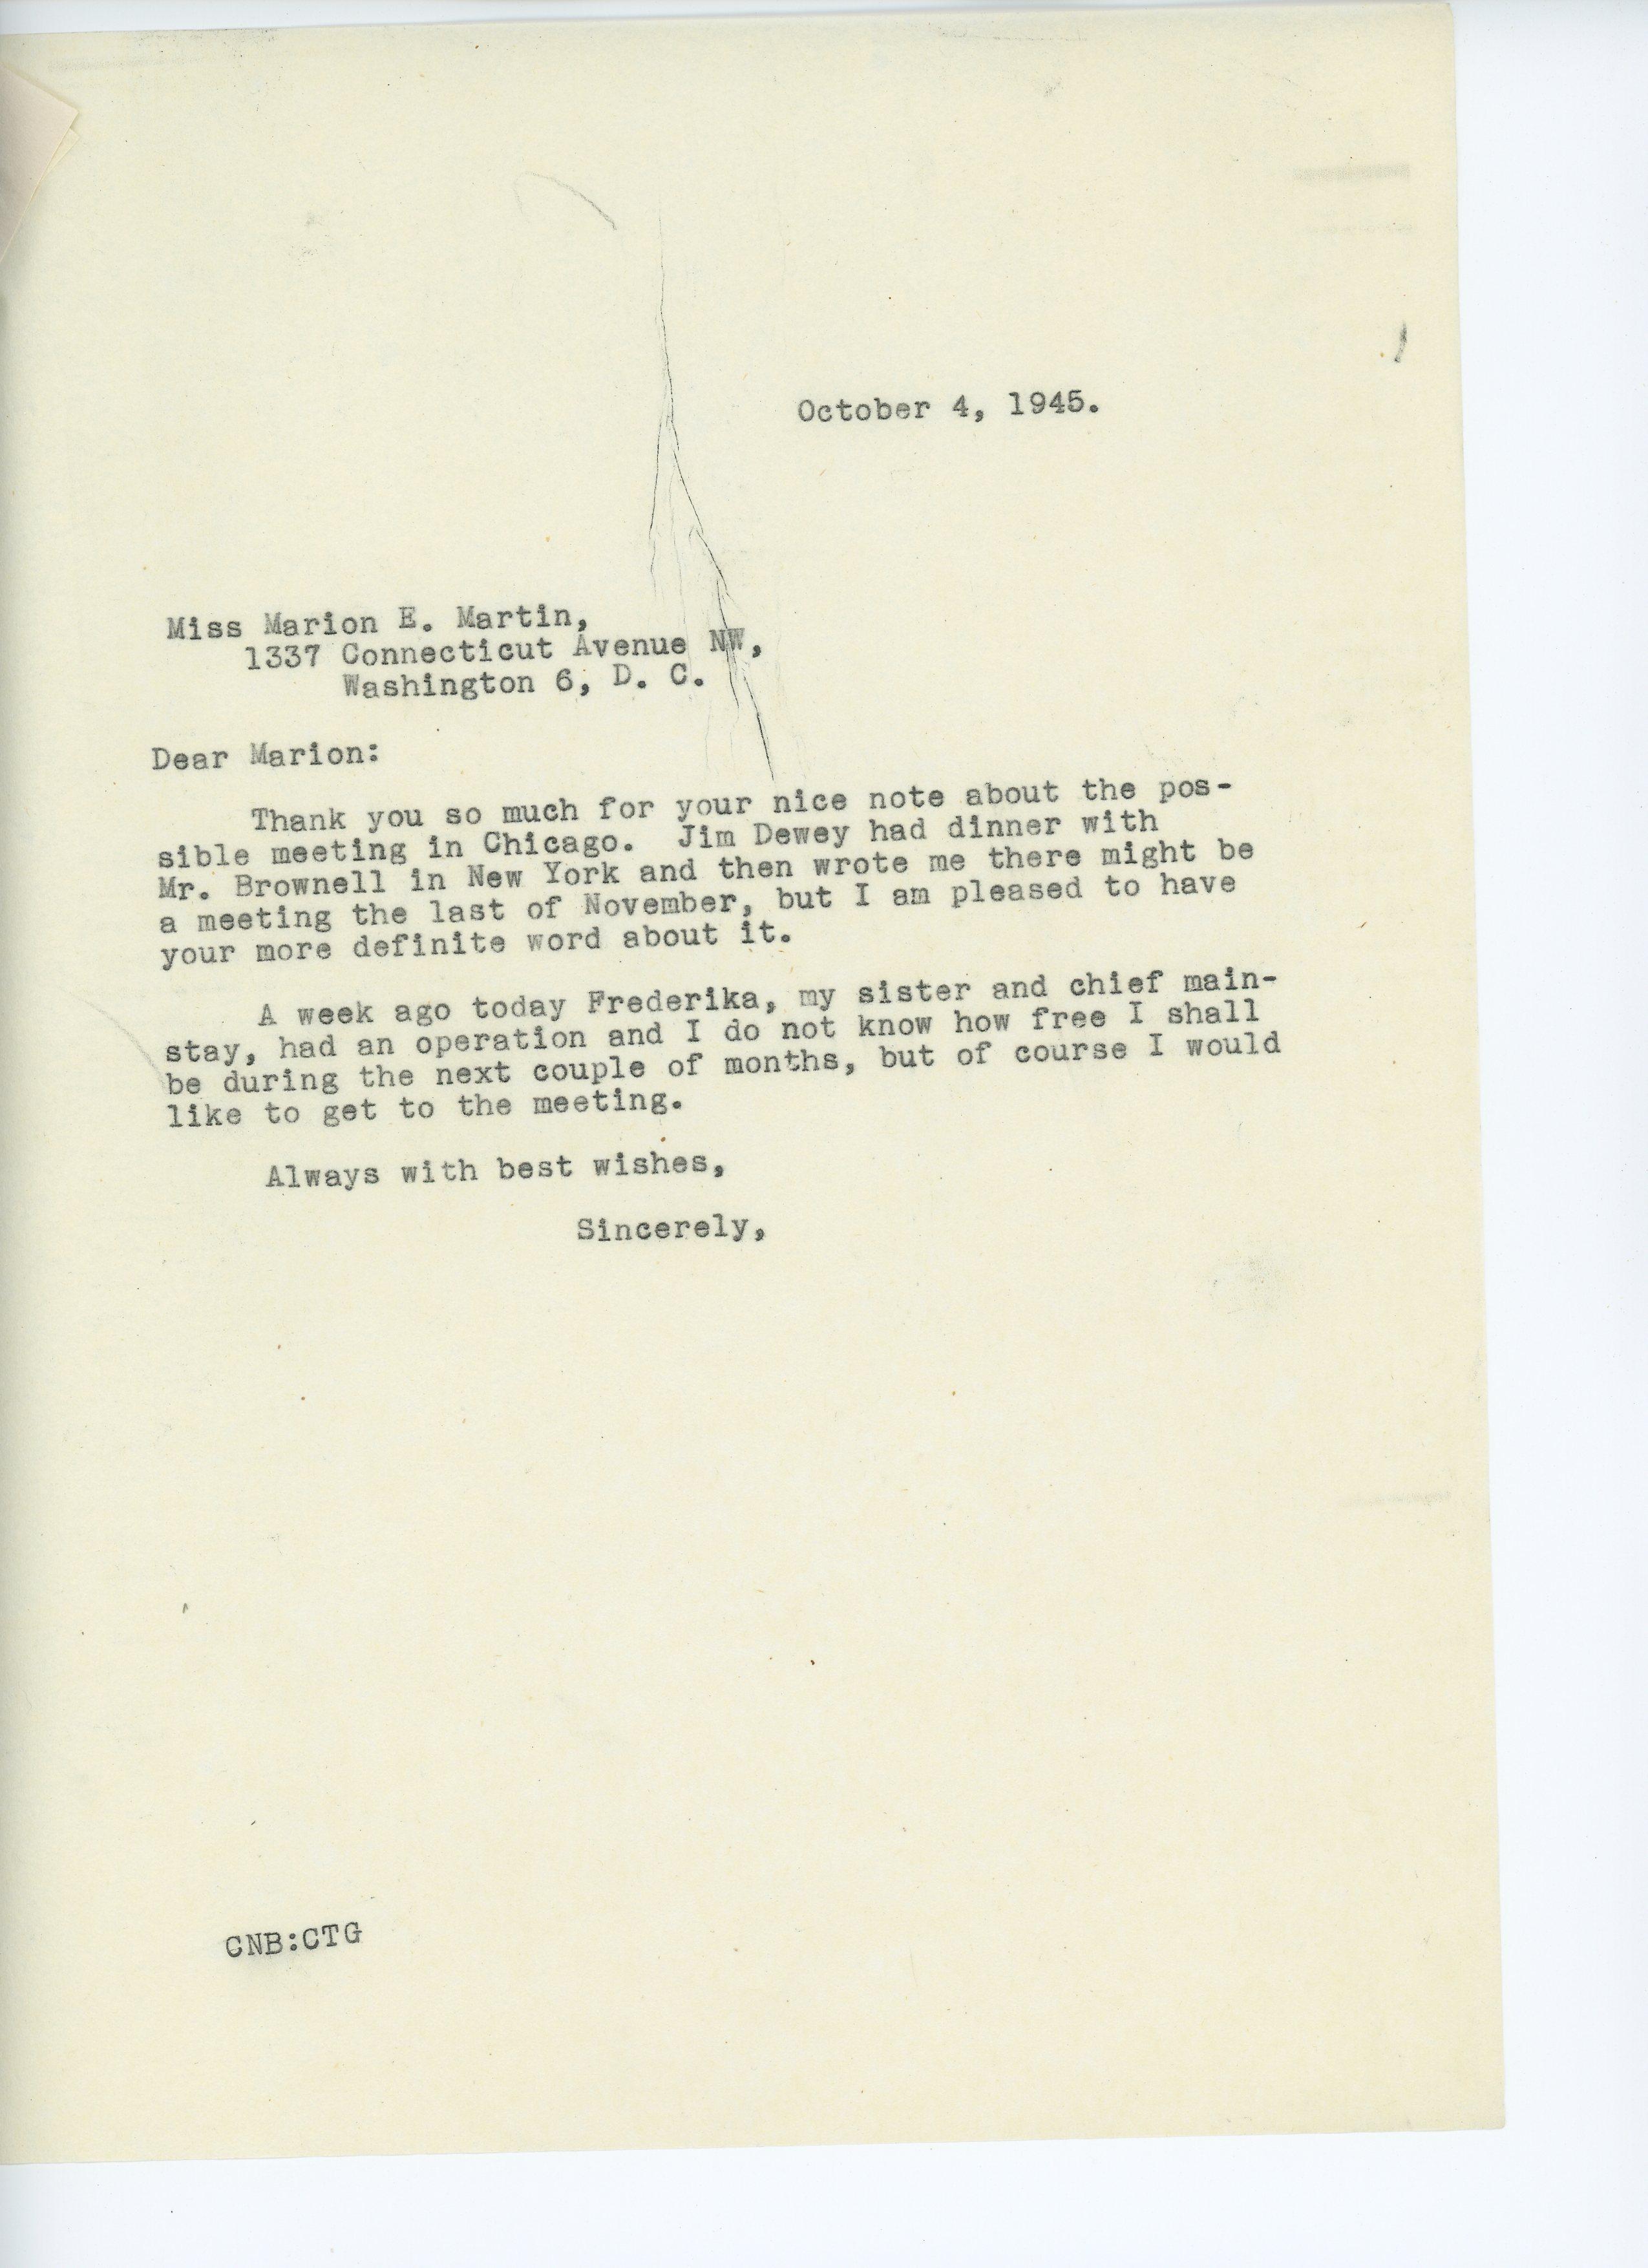 Consuelo Northrop Bailey to Marion E. Martin 1945 October 4